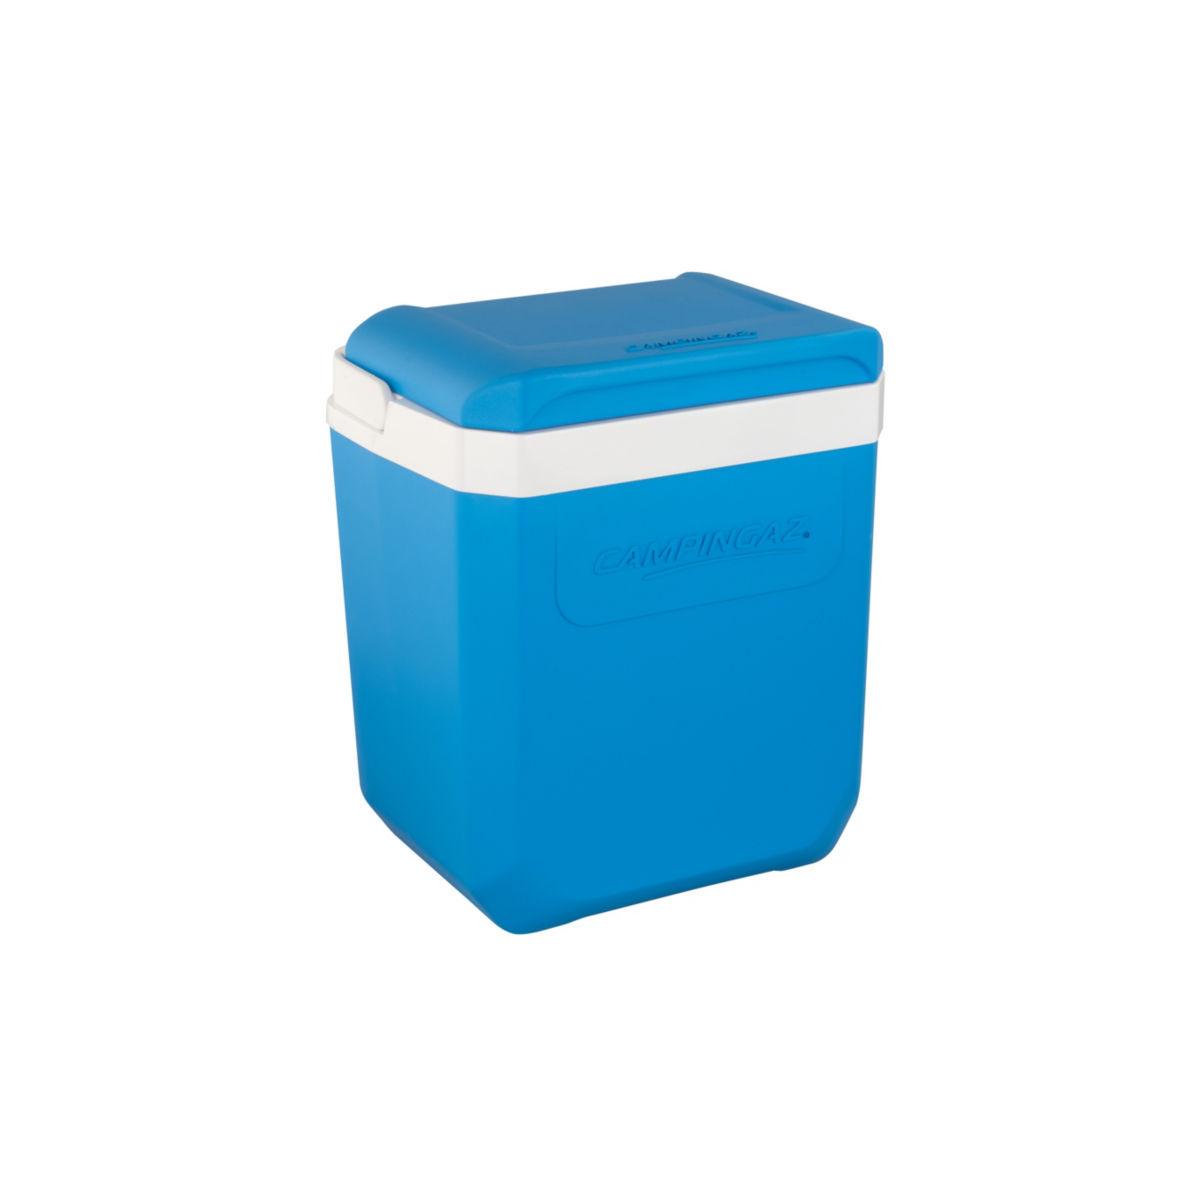 Campingaz Icetime Plus 26L Cooler - 2000024962